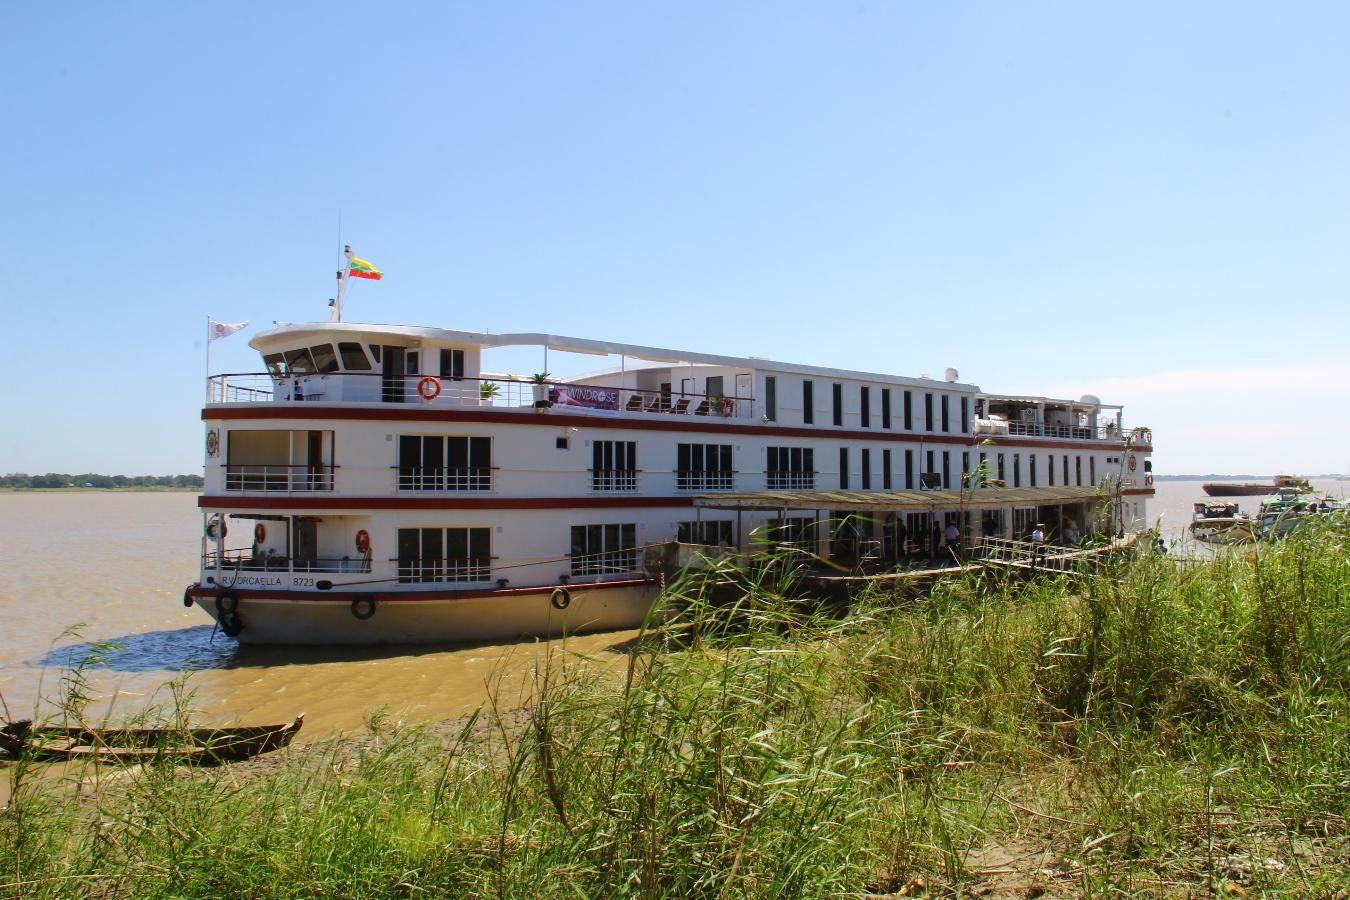 Die Orcaella -ein Flusskreuzfahrtschiff in Myanmar.